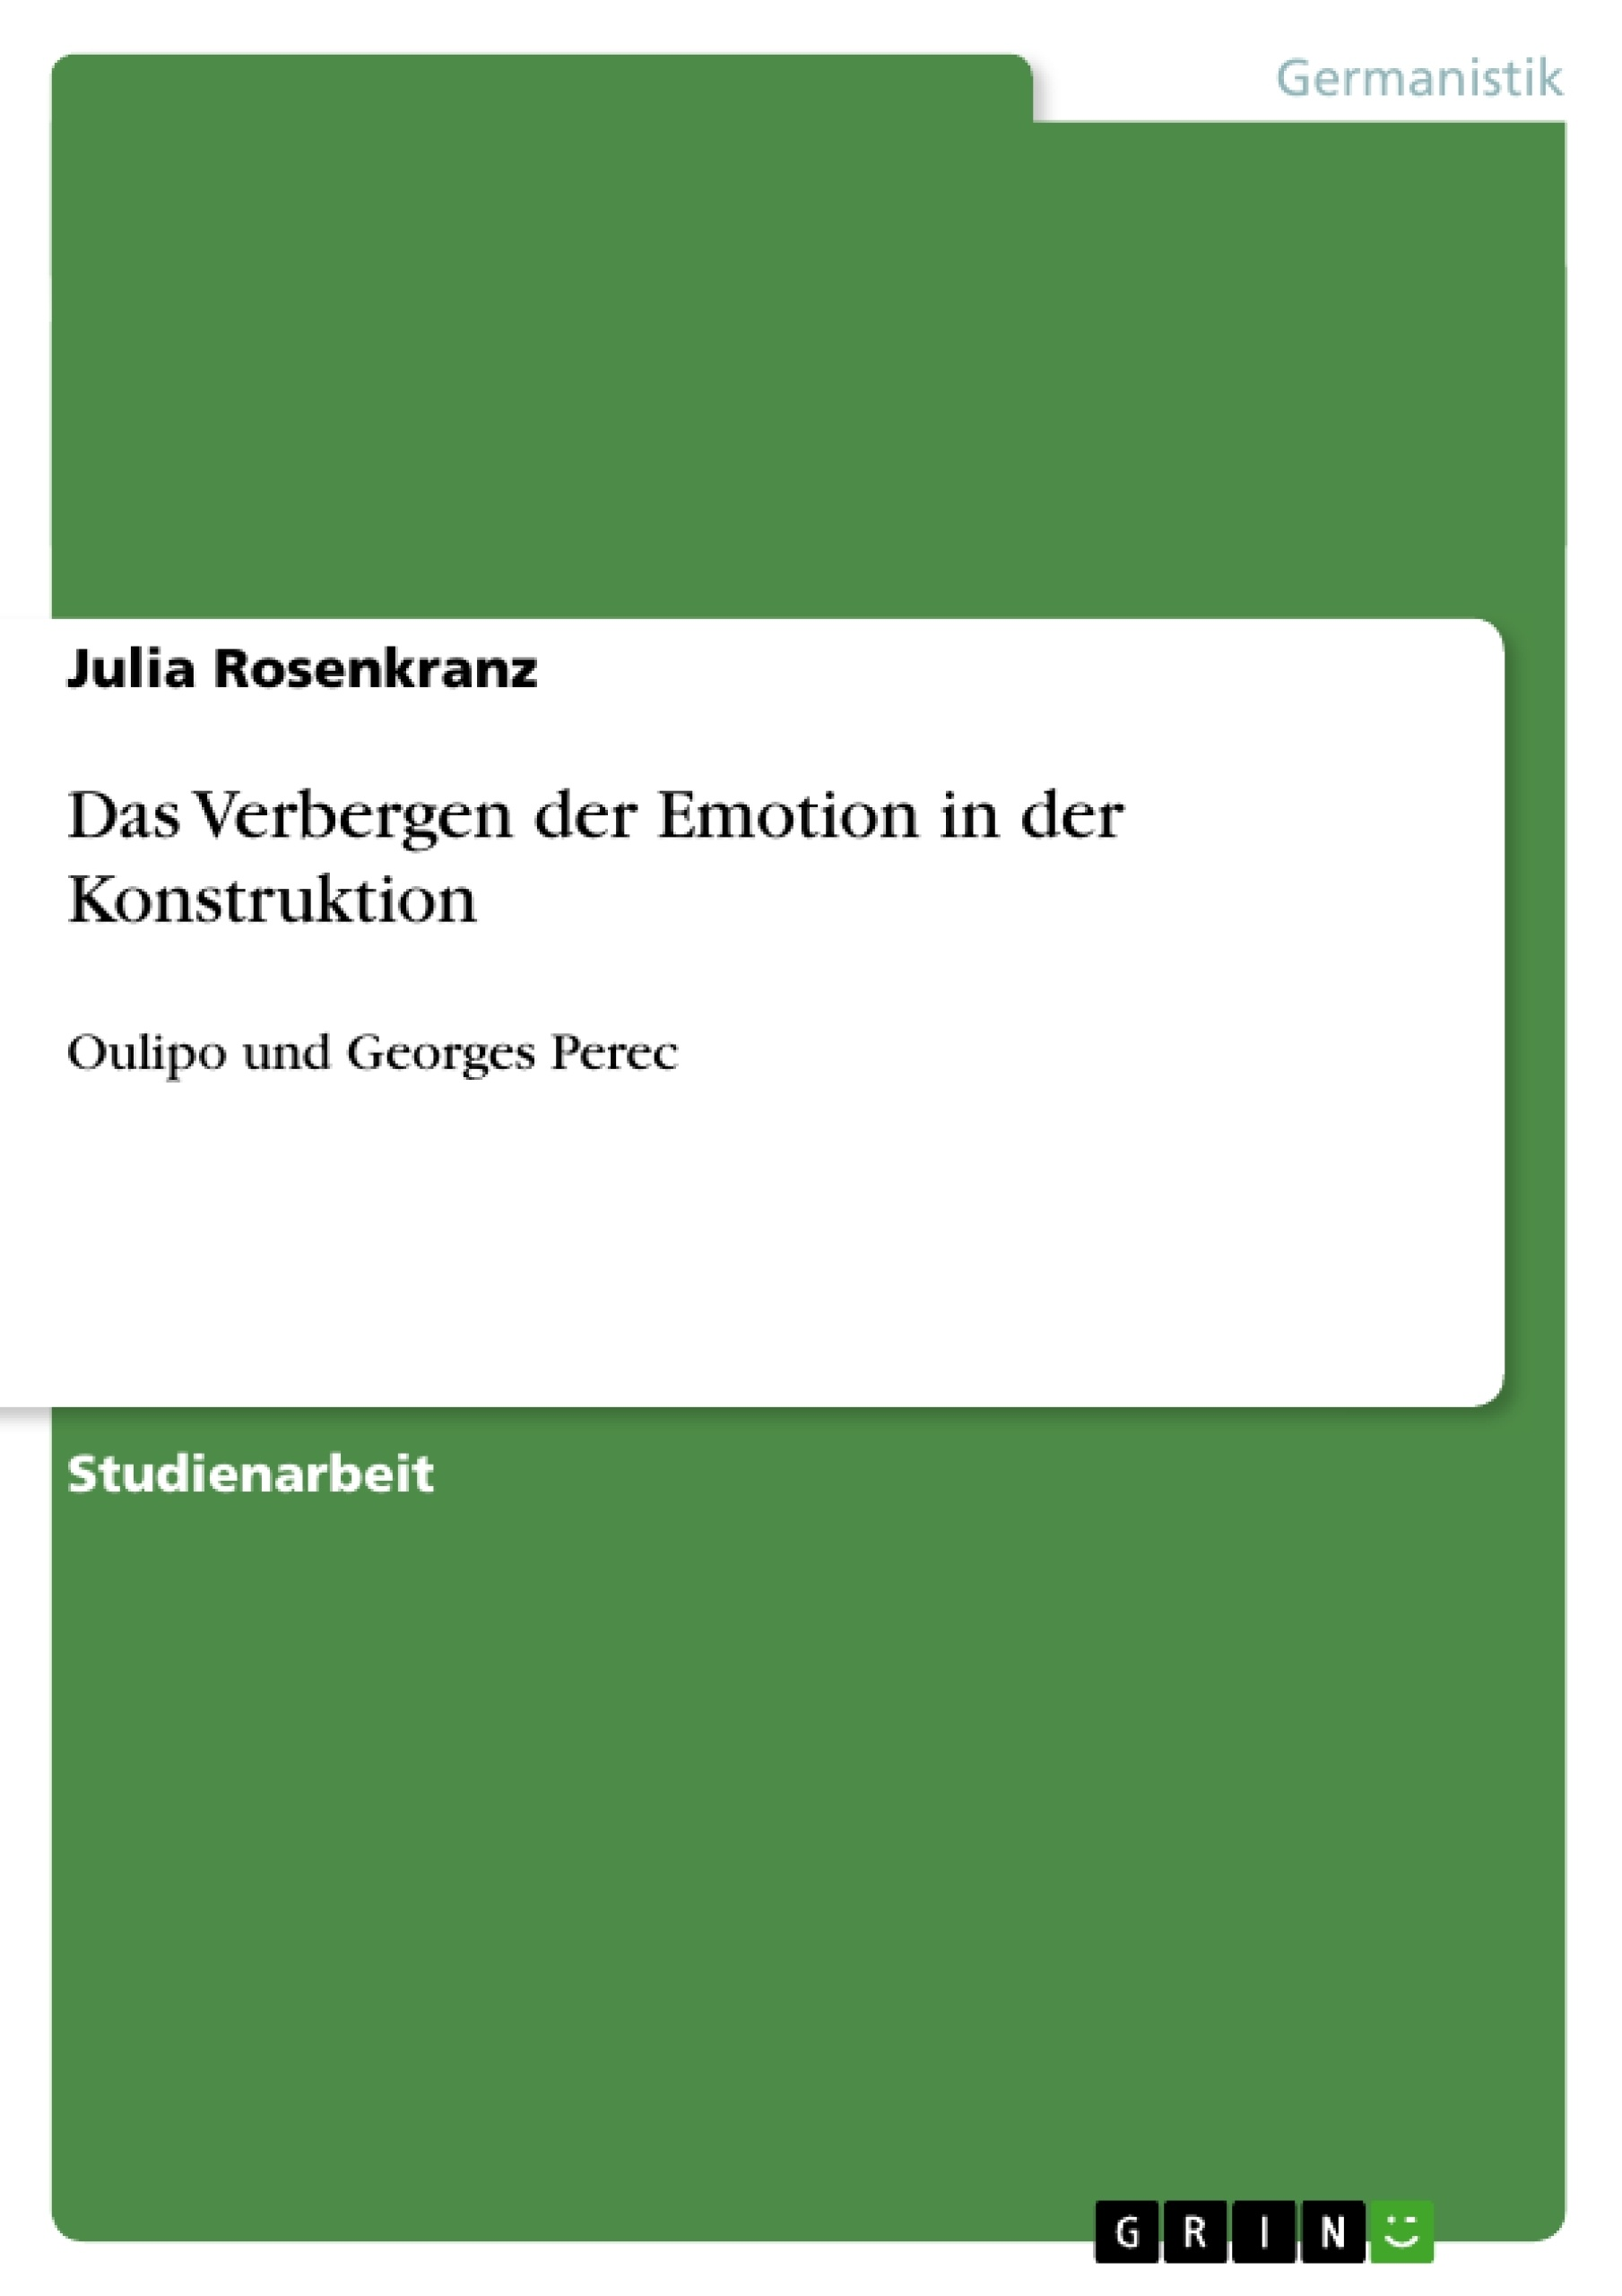 Titel: Das Verbergen der Emotion in der Konstruktion